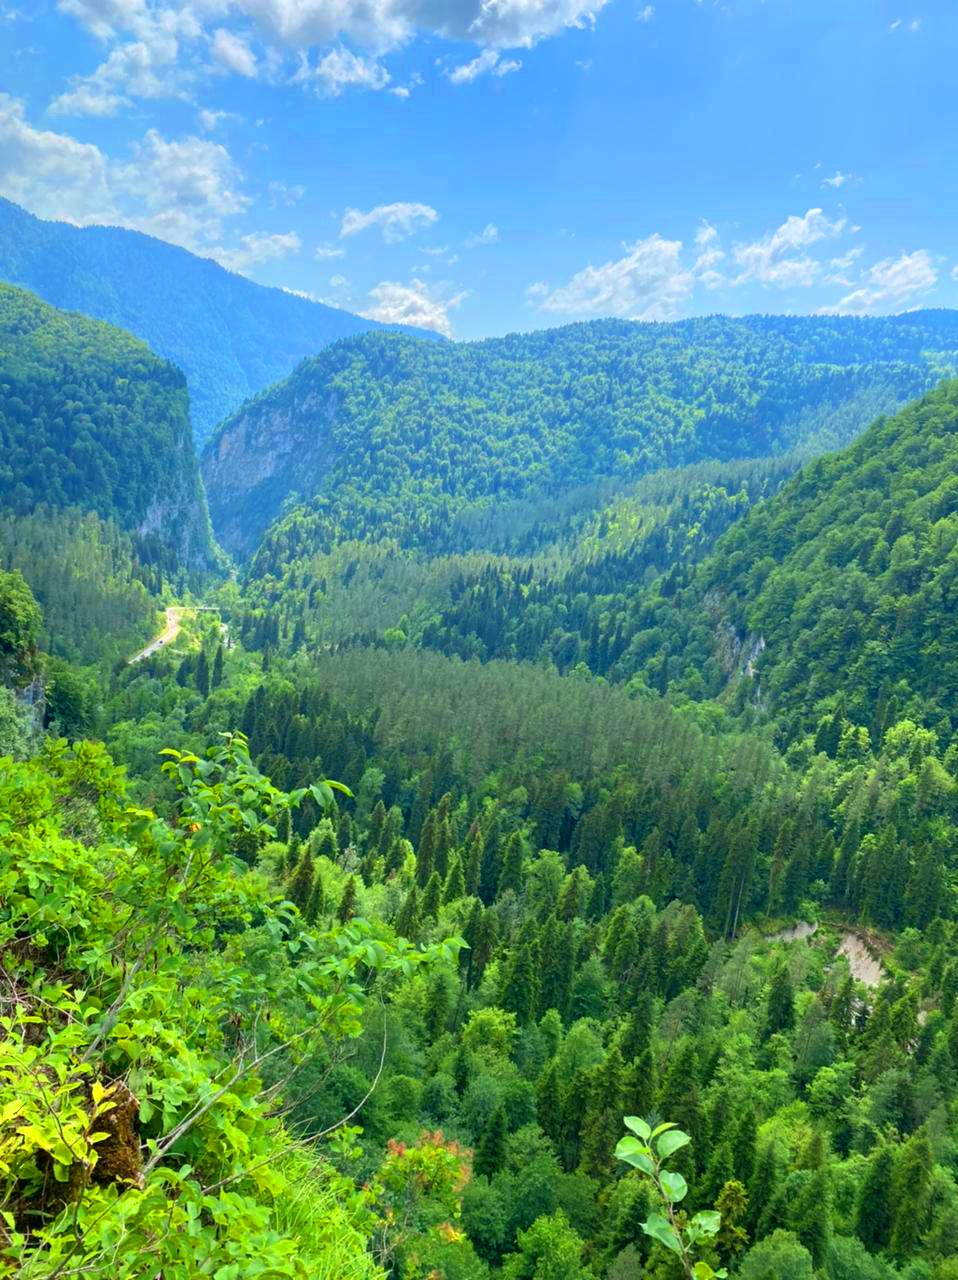 Экскурсия джиппинг в Абхазию из Сочи, стоимость поездки